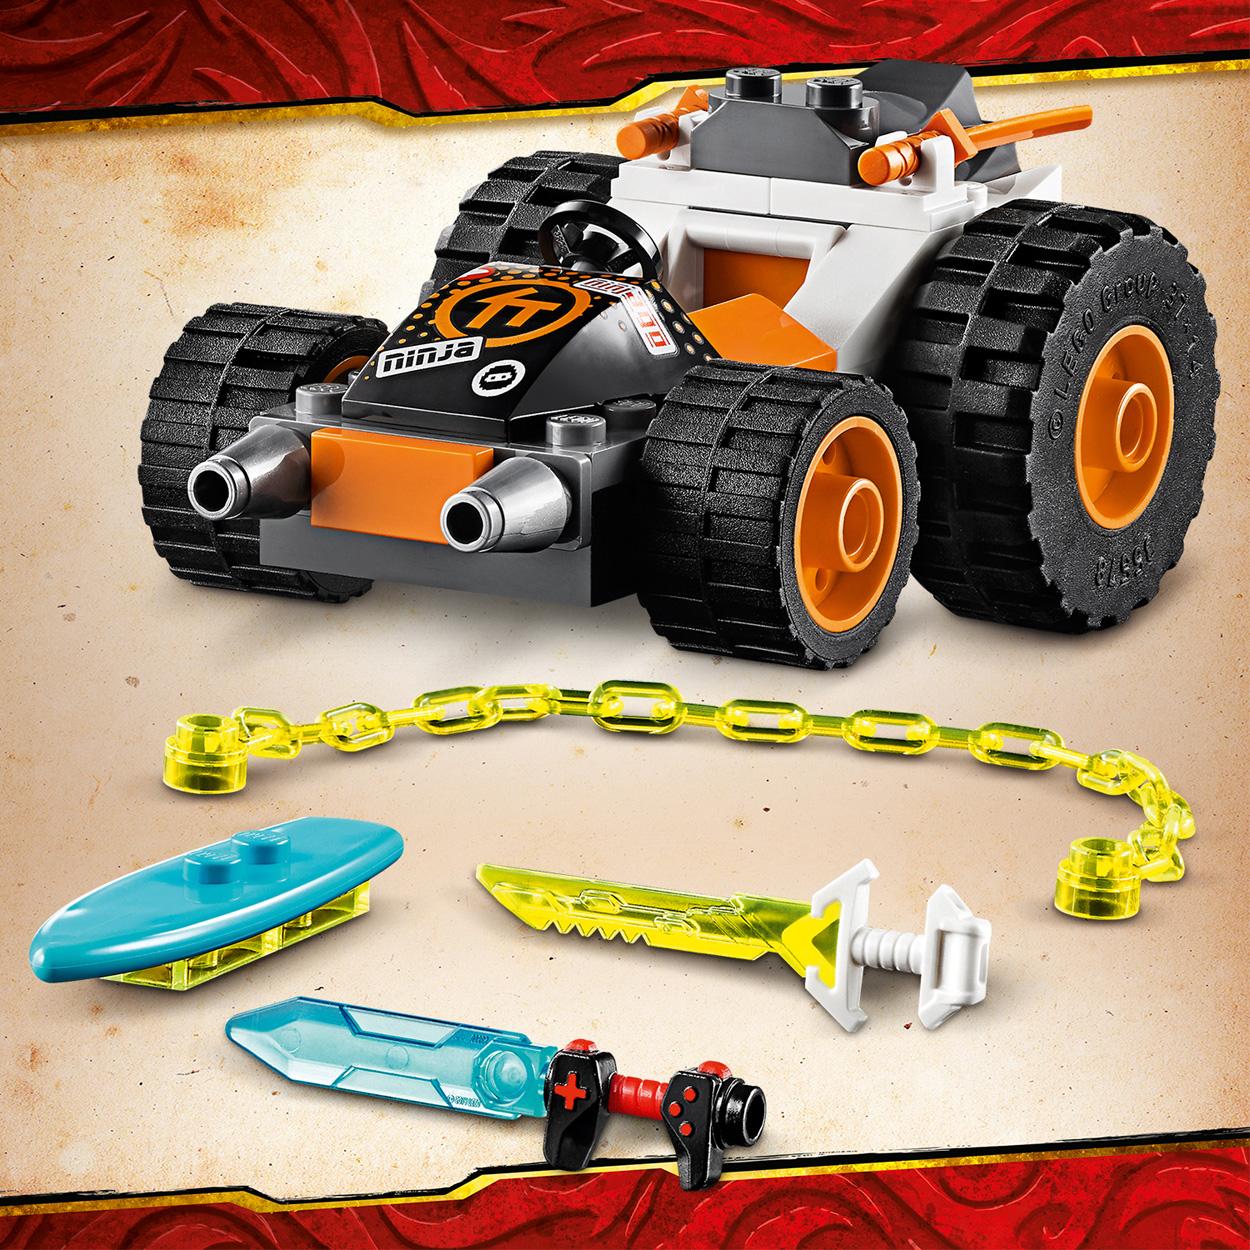 Le bolide de Cole - LEGO Ninjago - 71706